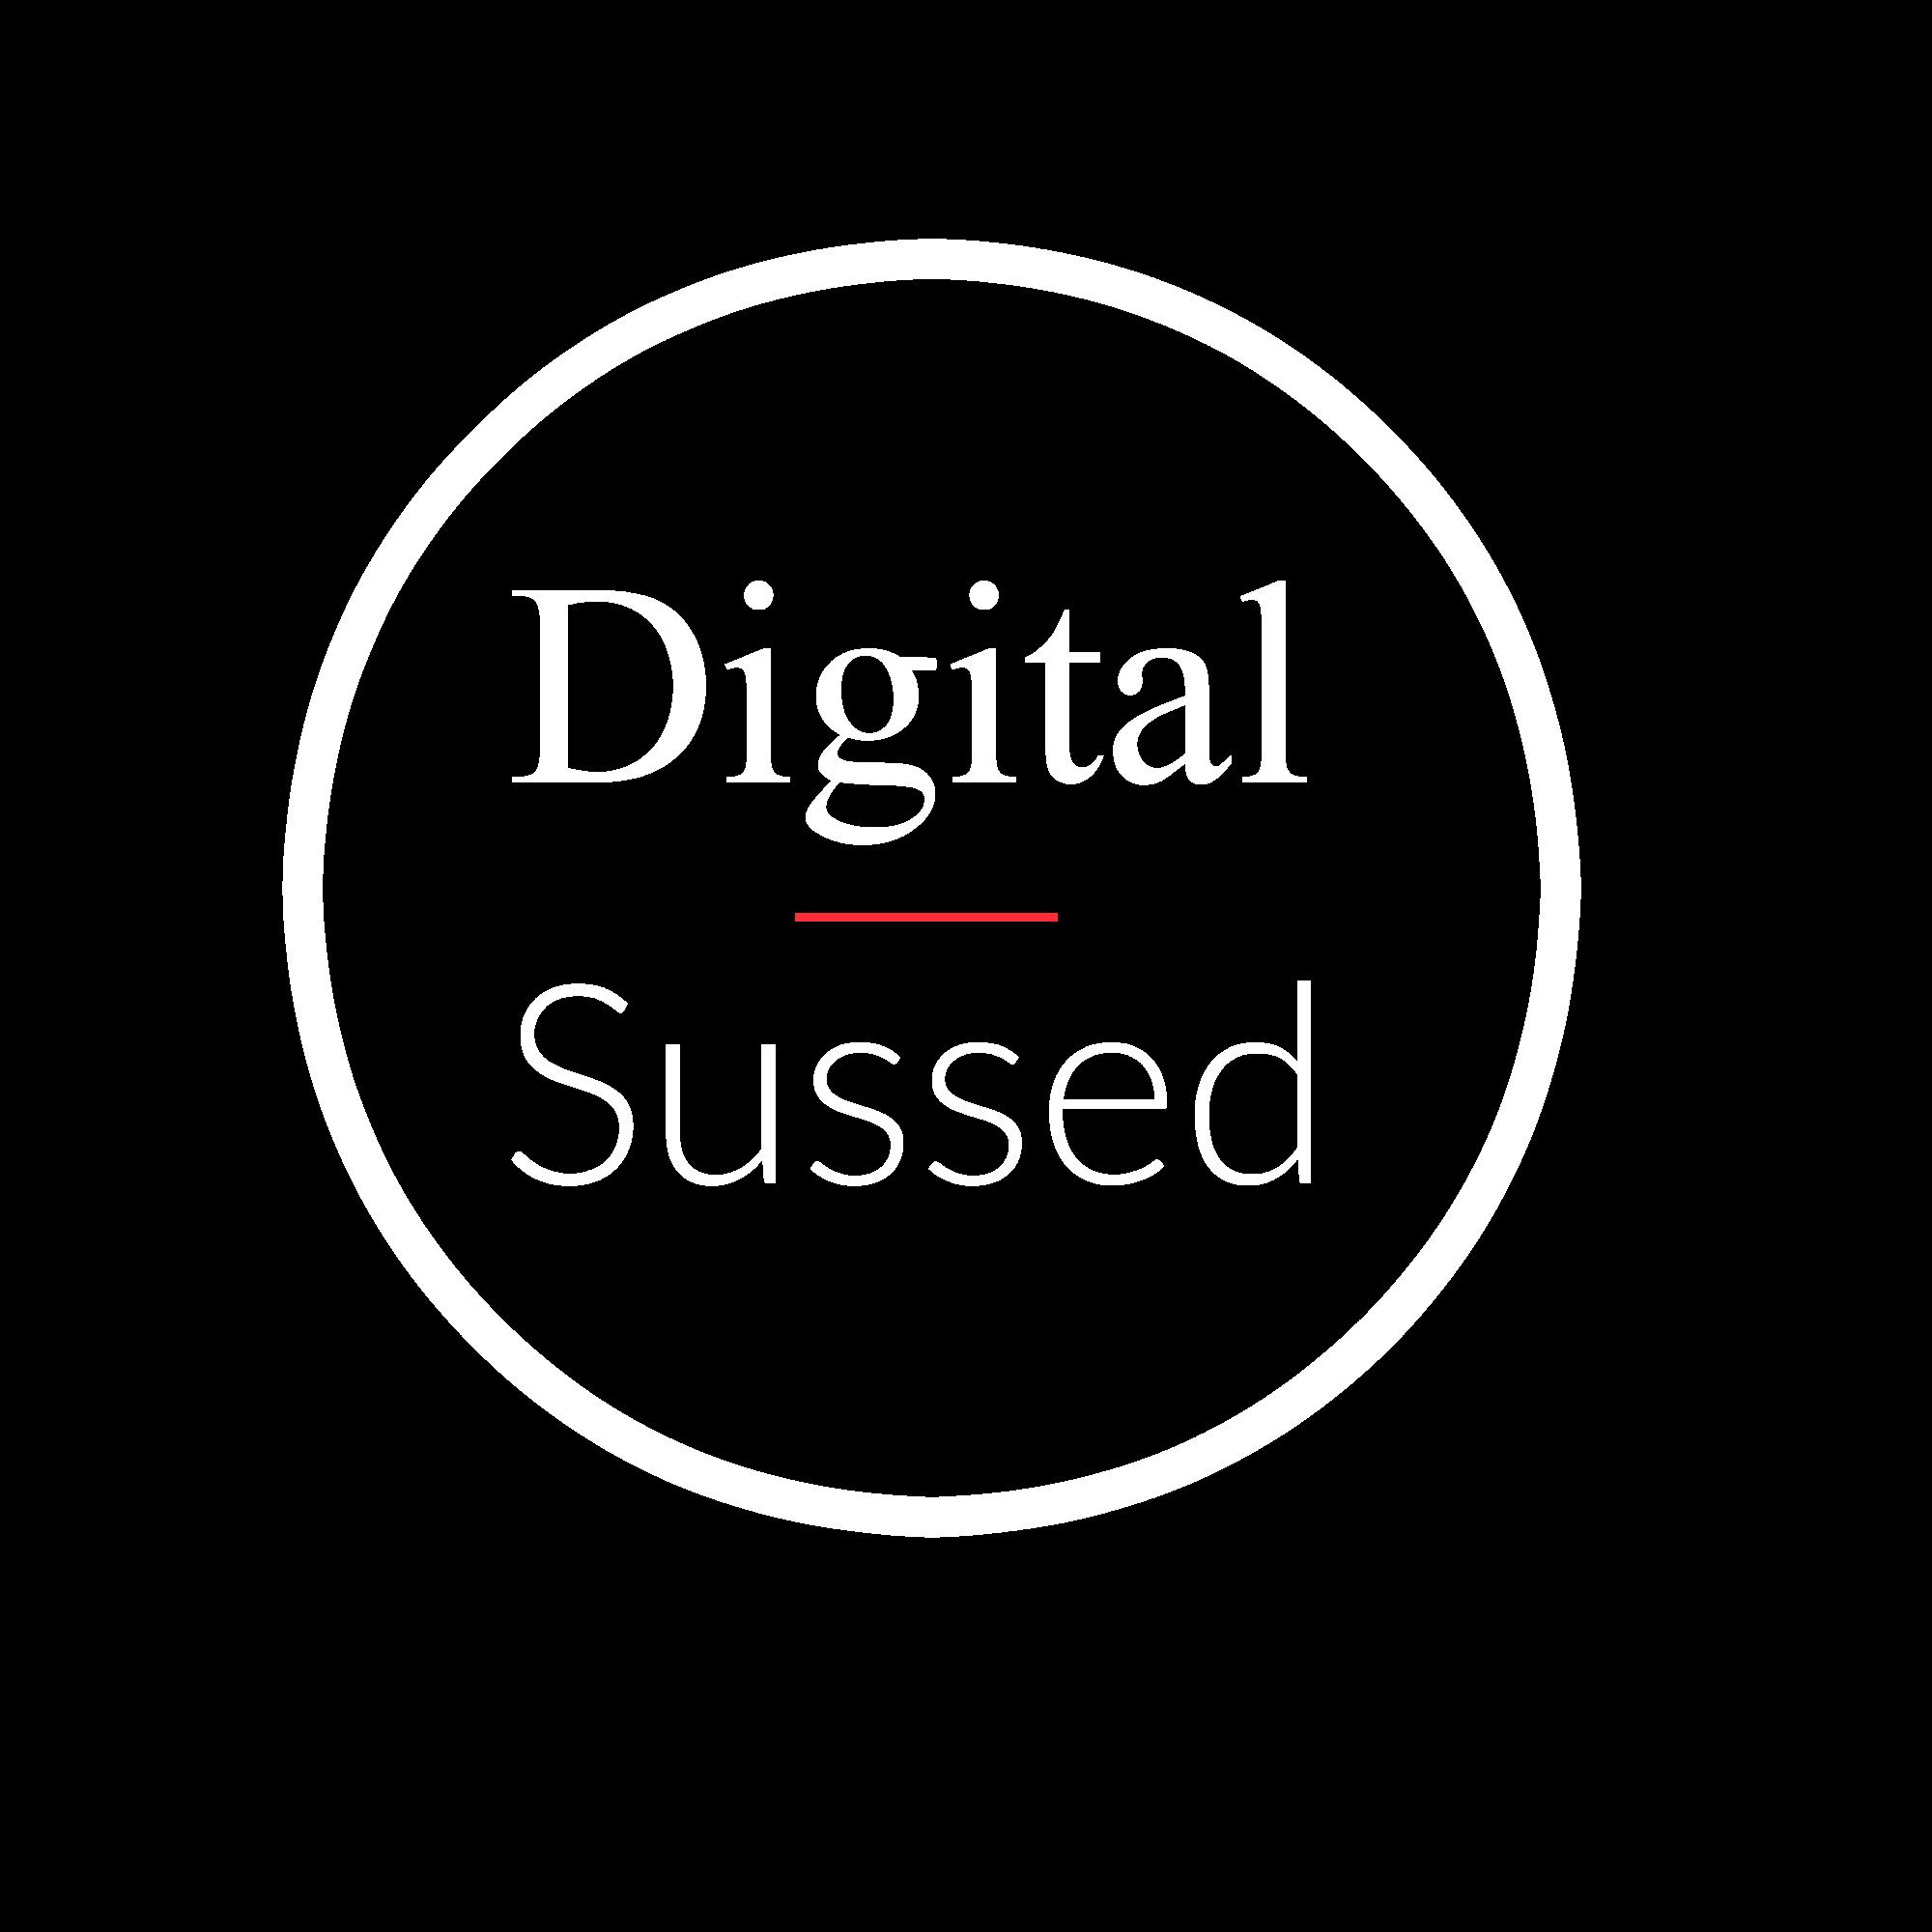 Digital Sussed